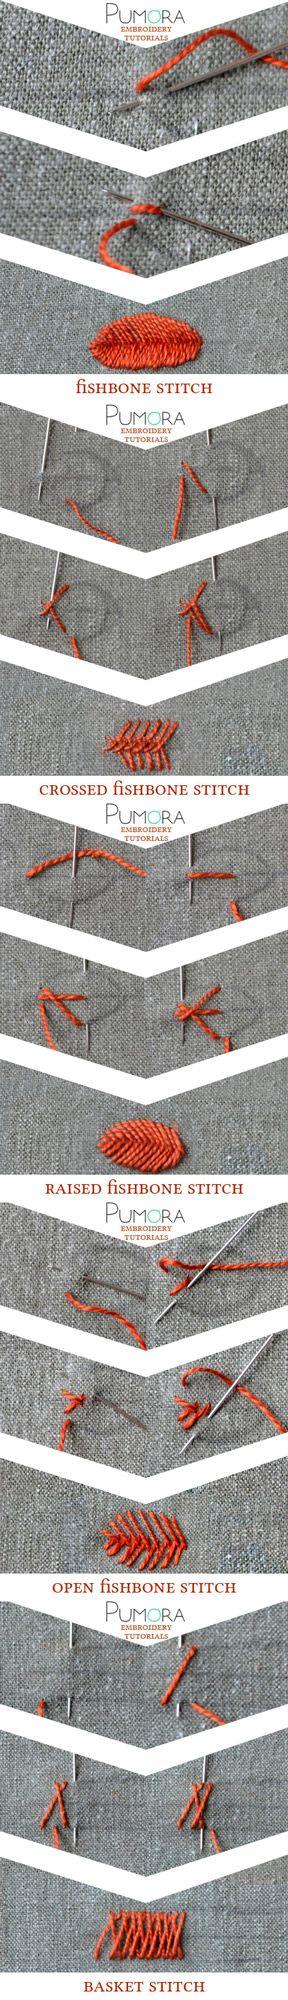 Pumora's embroidery stitch-lexicon: the fishbone stitch